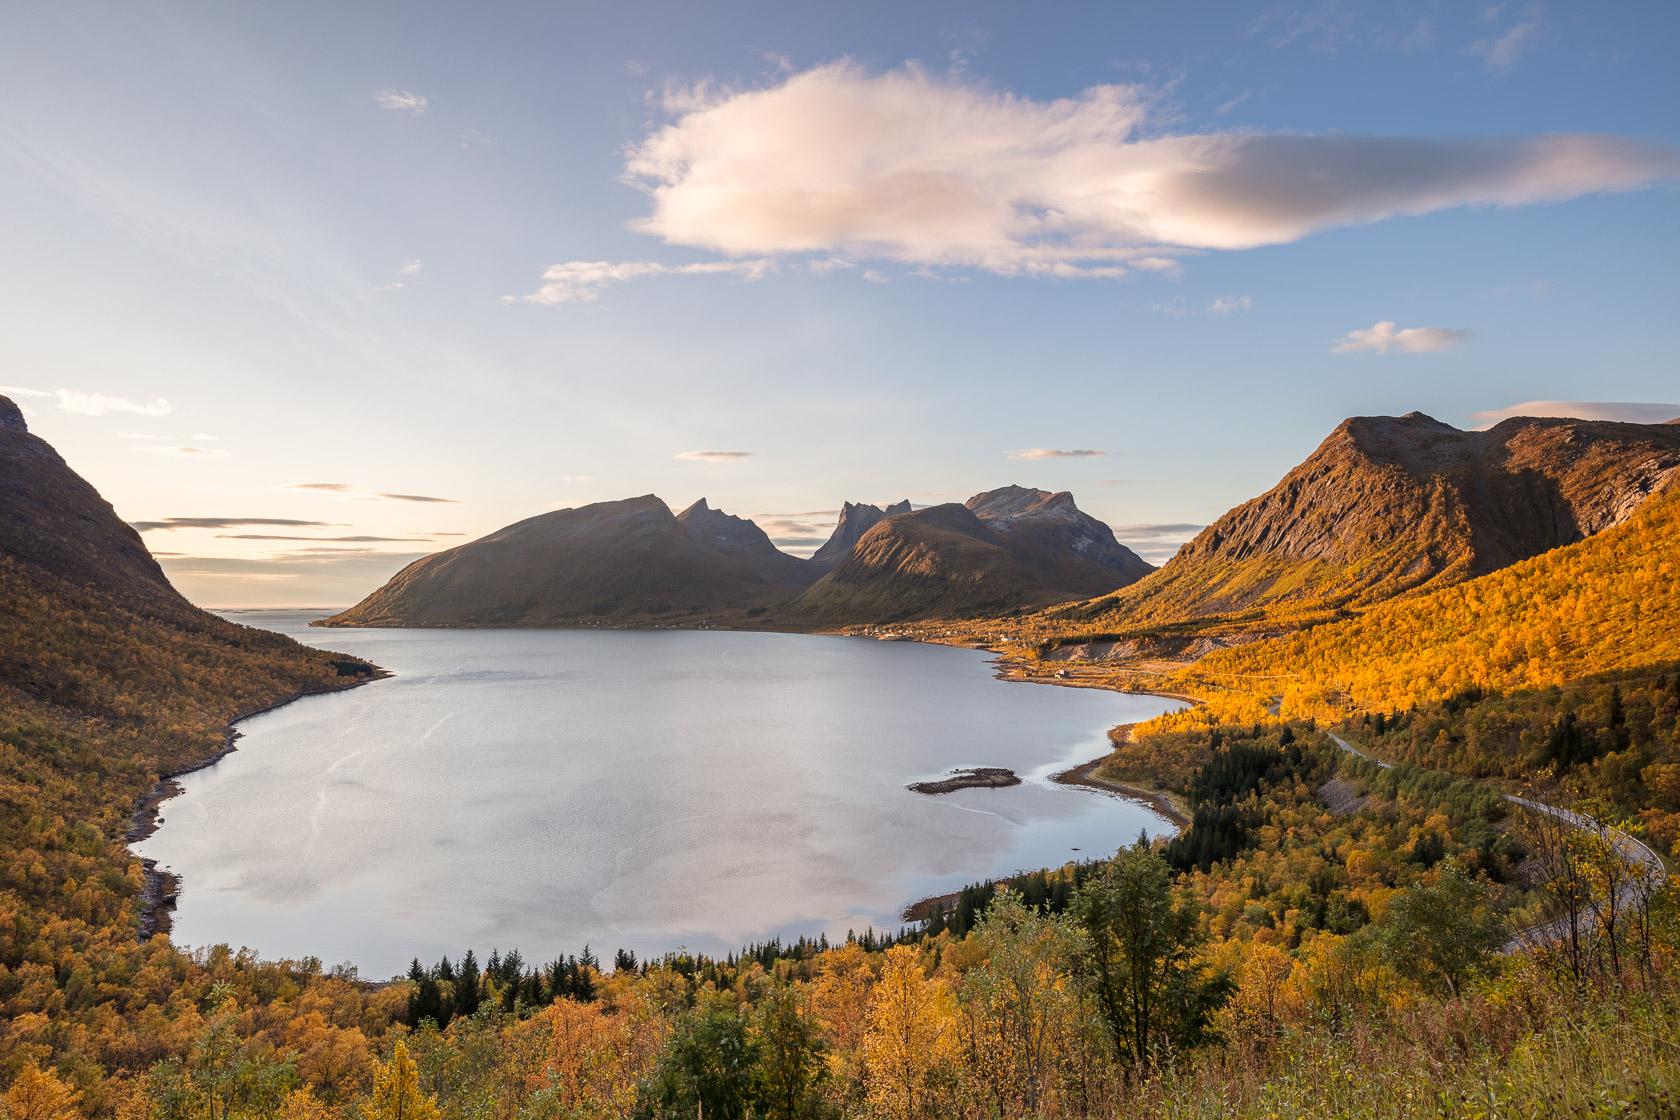 le fjord de Bergsbotn, en automne pendant un voyage photo sur l'île de Senja